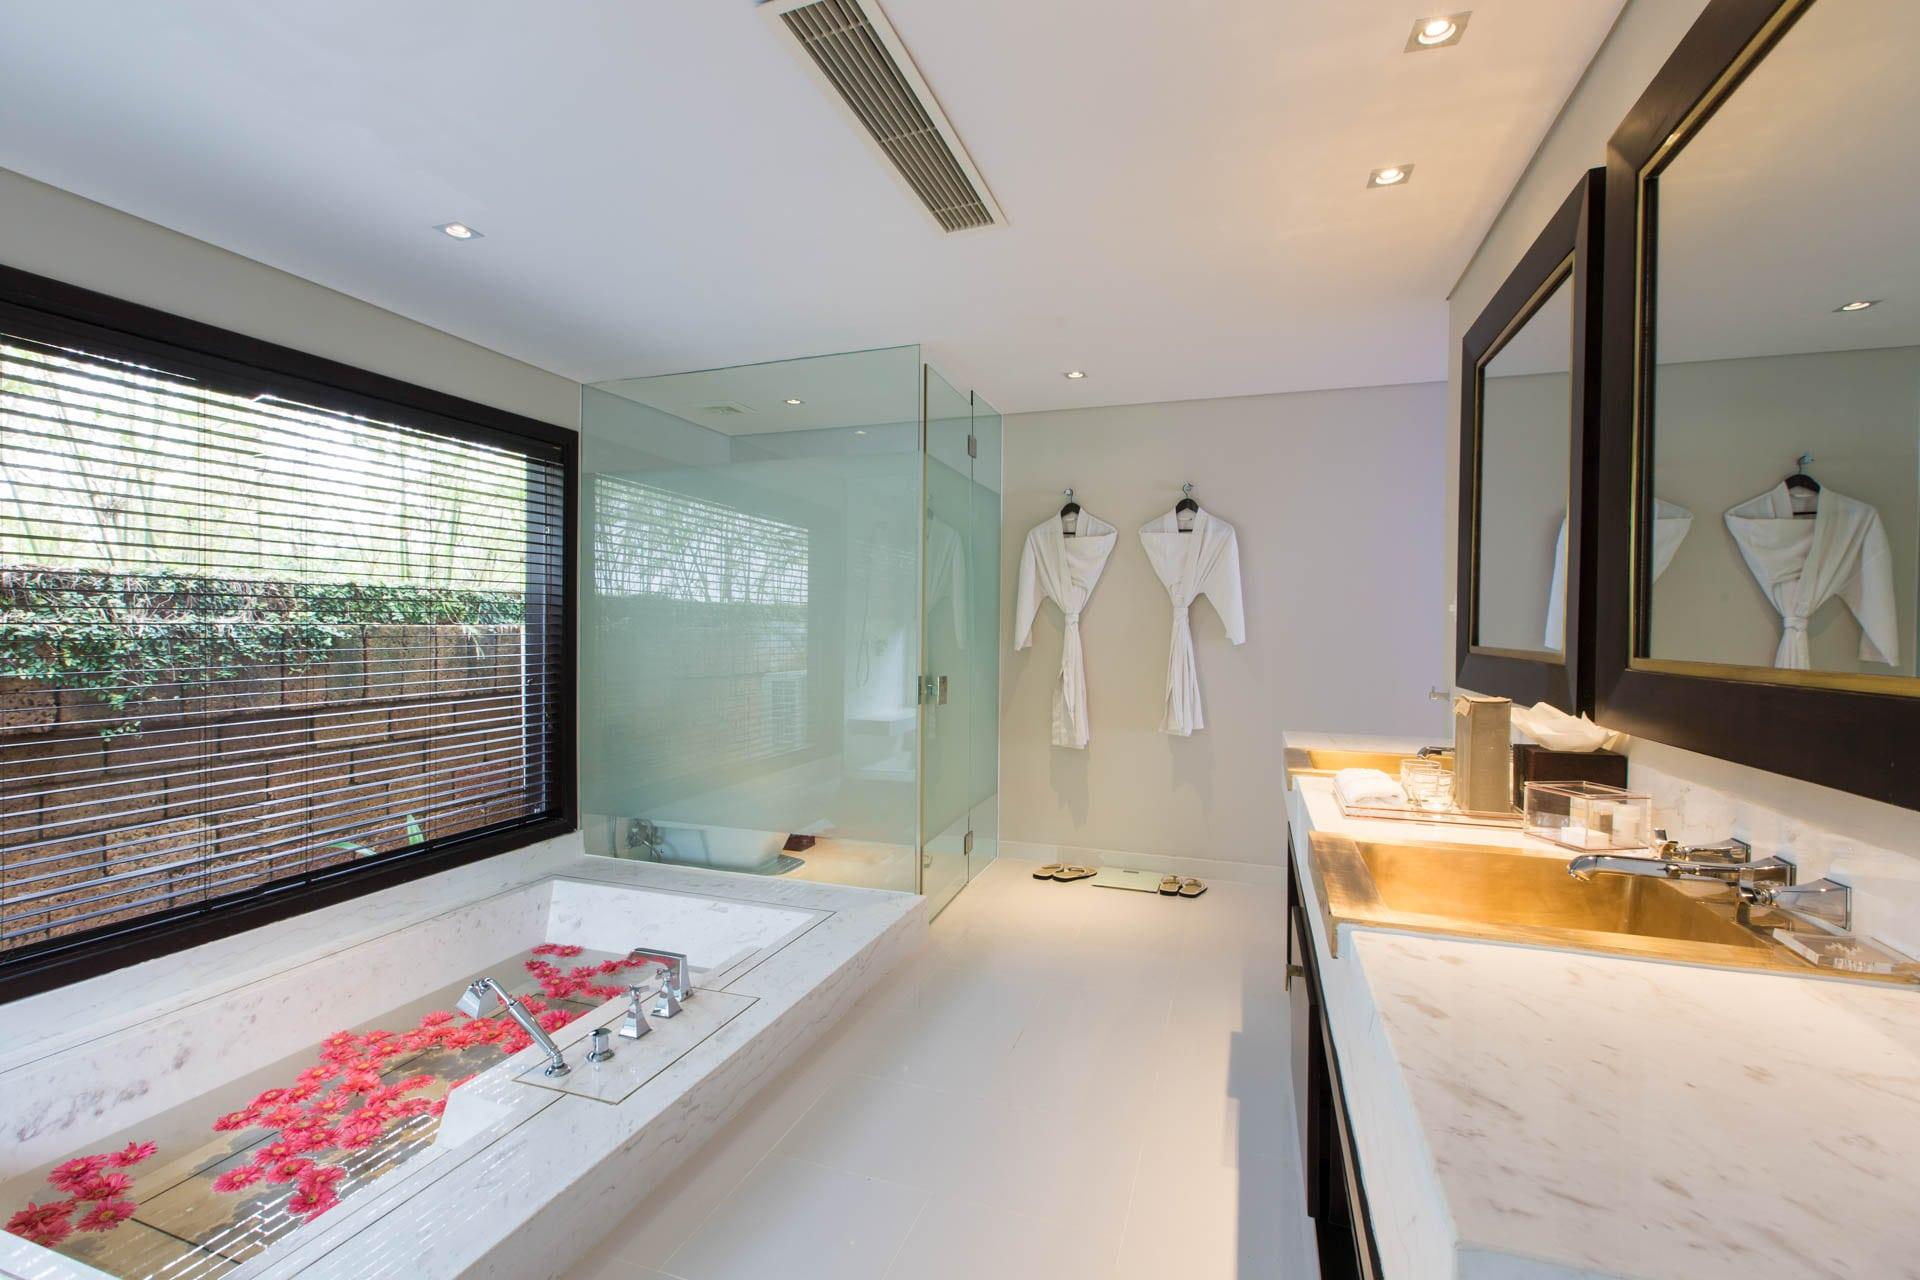 Tận hưởng sự thoải mái bên trong bồn tắm nằm của Villa Fusion